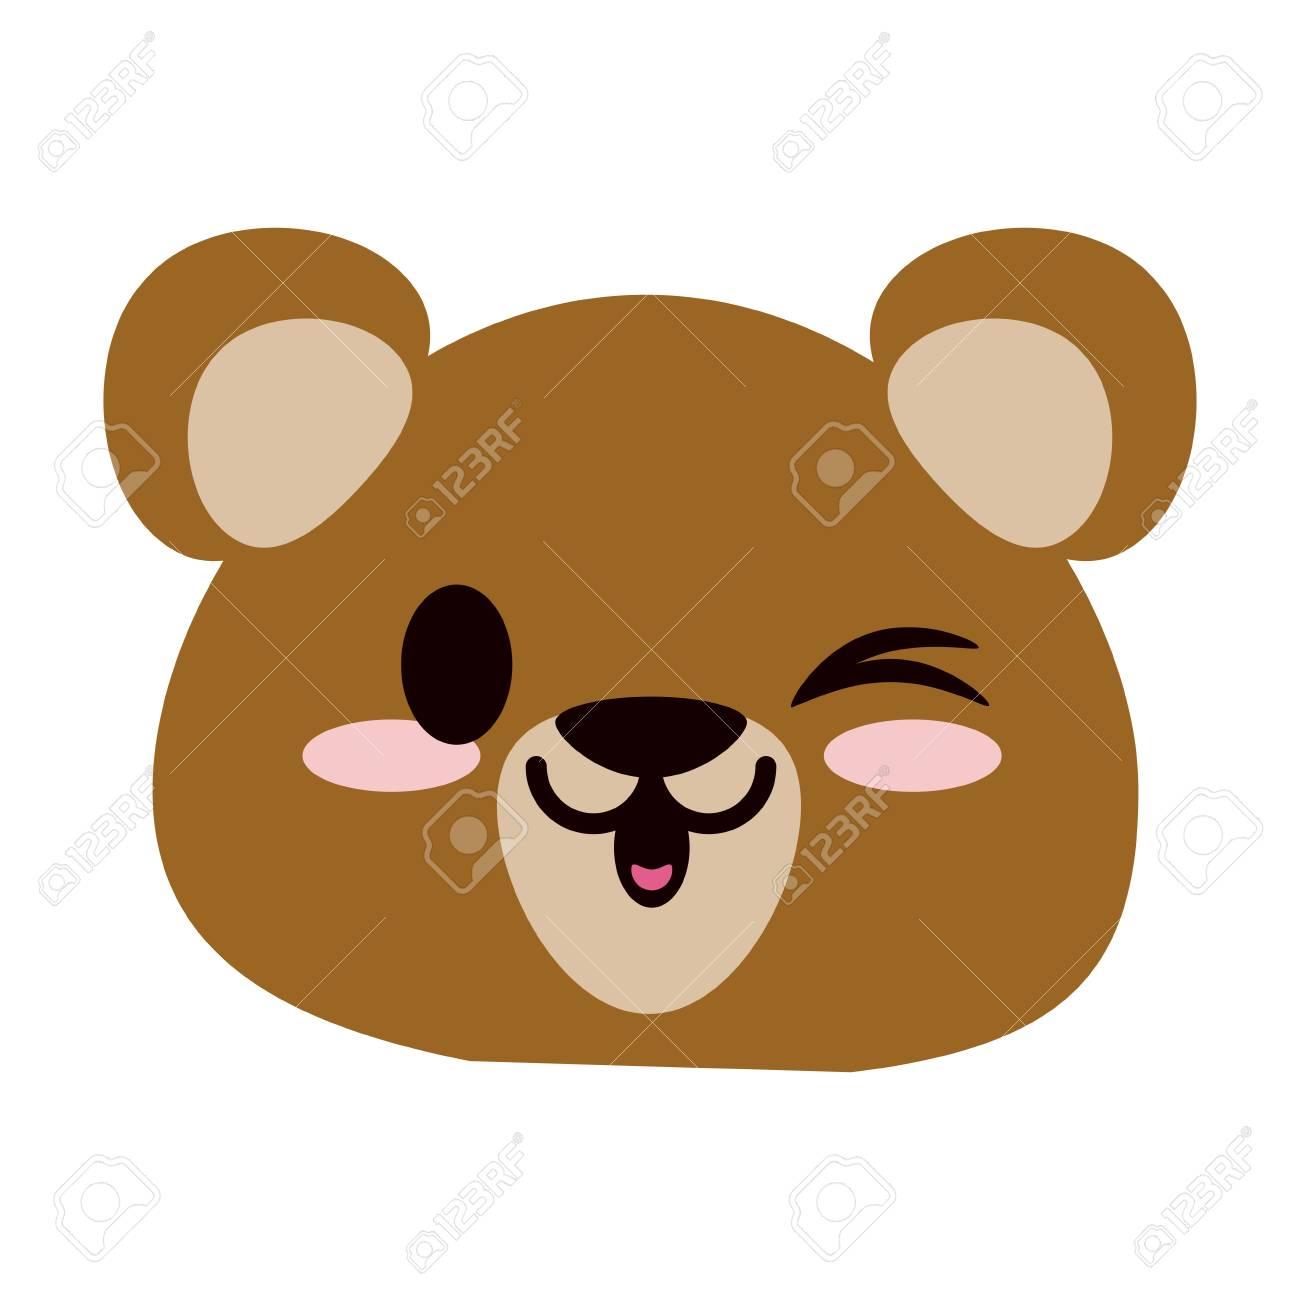 クマやカブかわいい動物漫画アイコン画像ベクトル イラスト デザイン